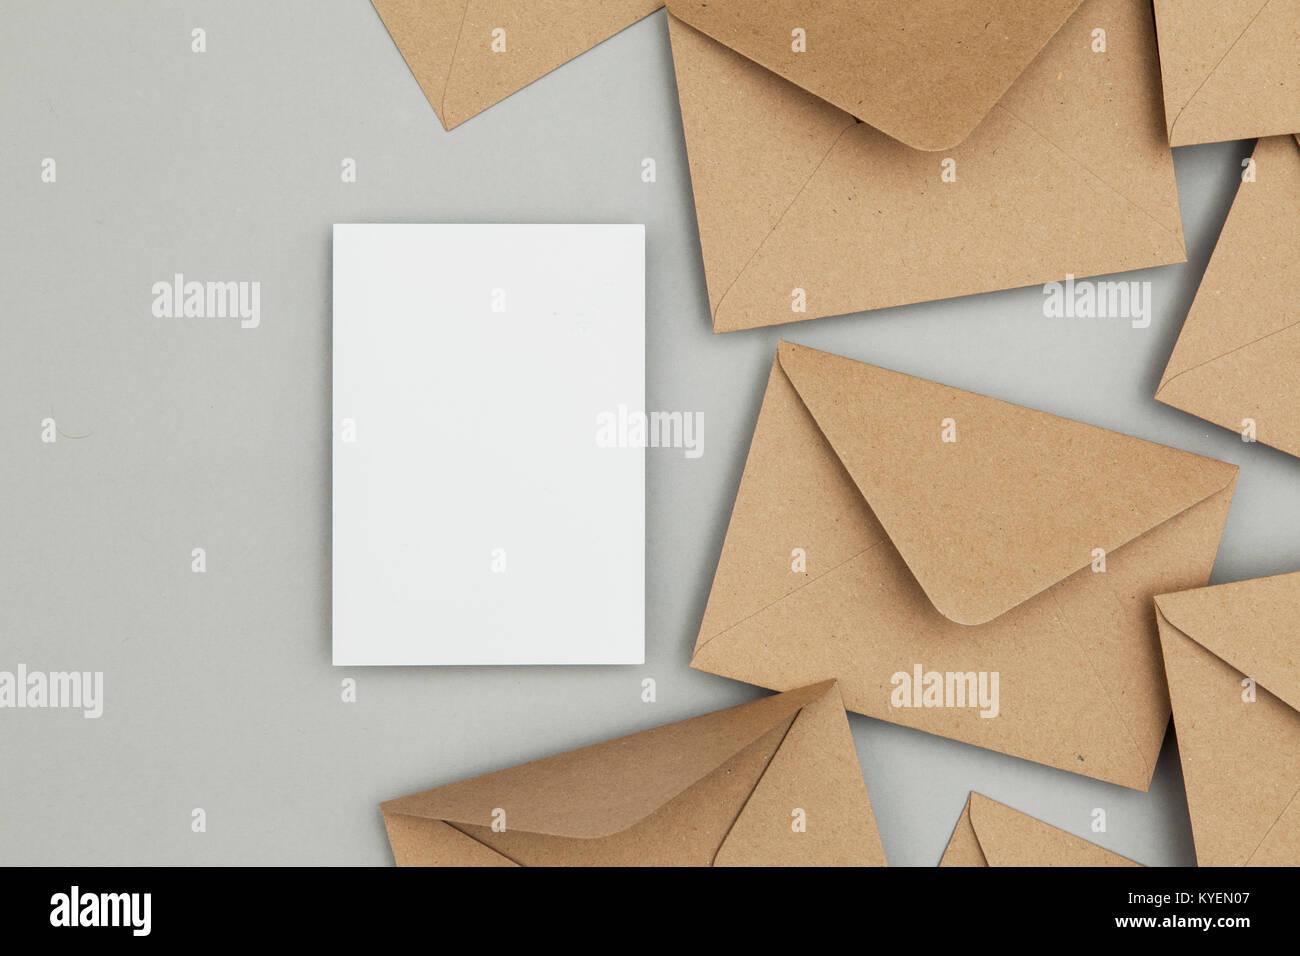 Berühmt Papierumschlag Vorlage Bilder - Ideen fortsetzen ...